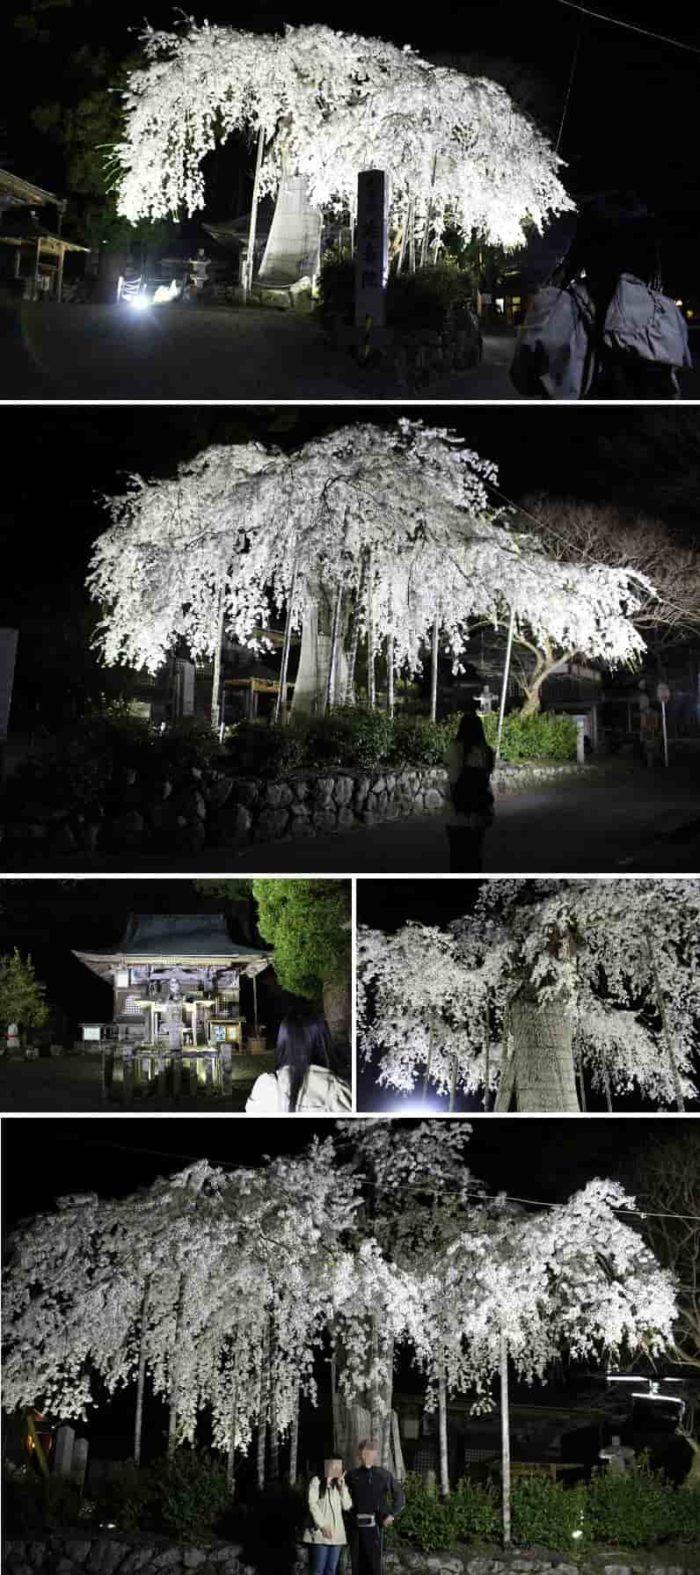 延寿院の枝垂れ桜のライトアップです。